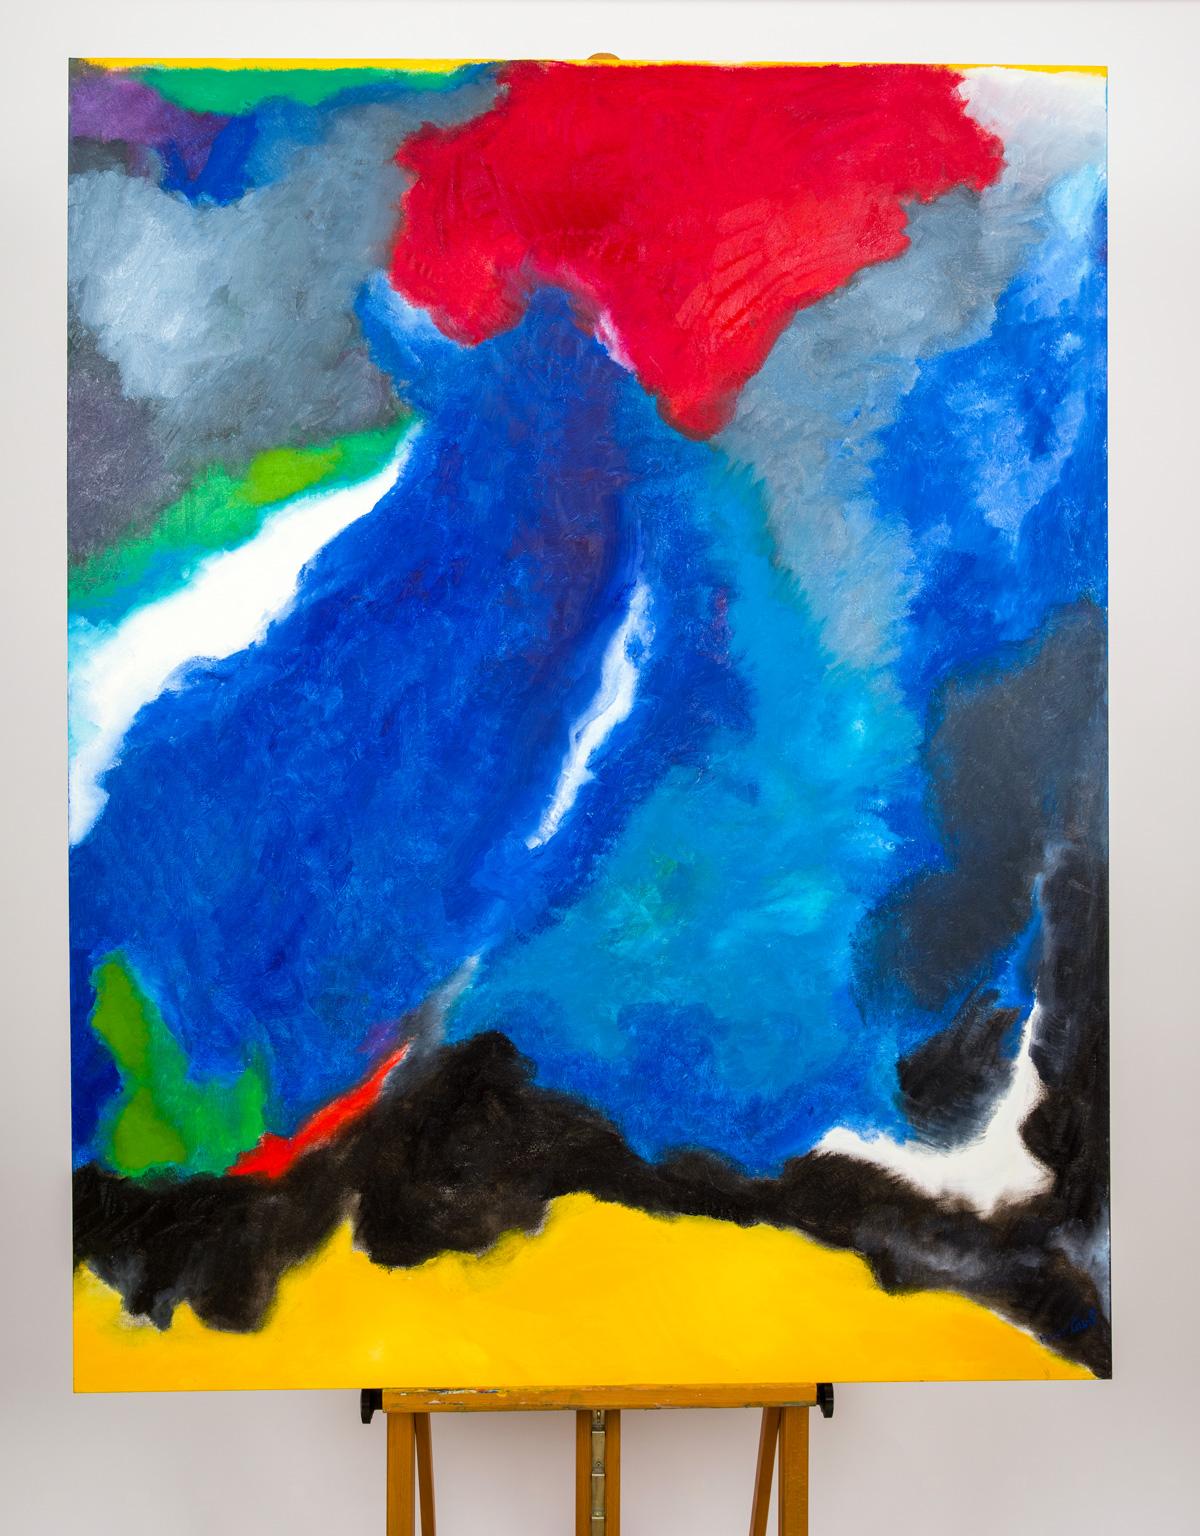 Maryse Casol, painting Ceci N'est Pas Un Arbre X, 2015